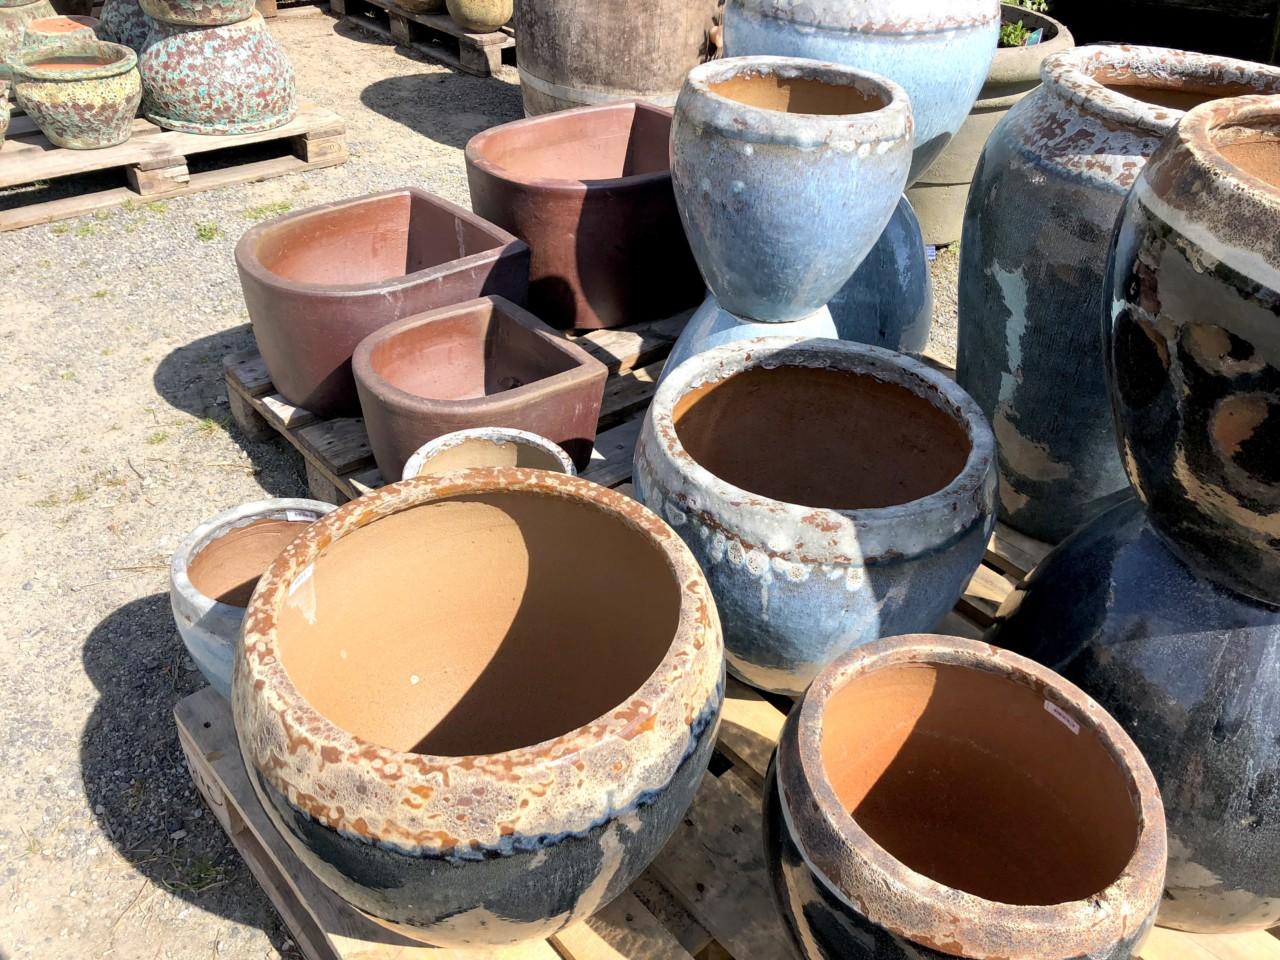 krukkegaarden-potter-krukker-plantetips-green-house